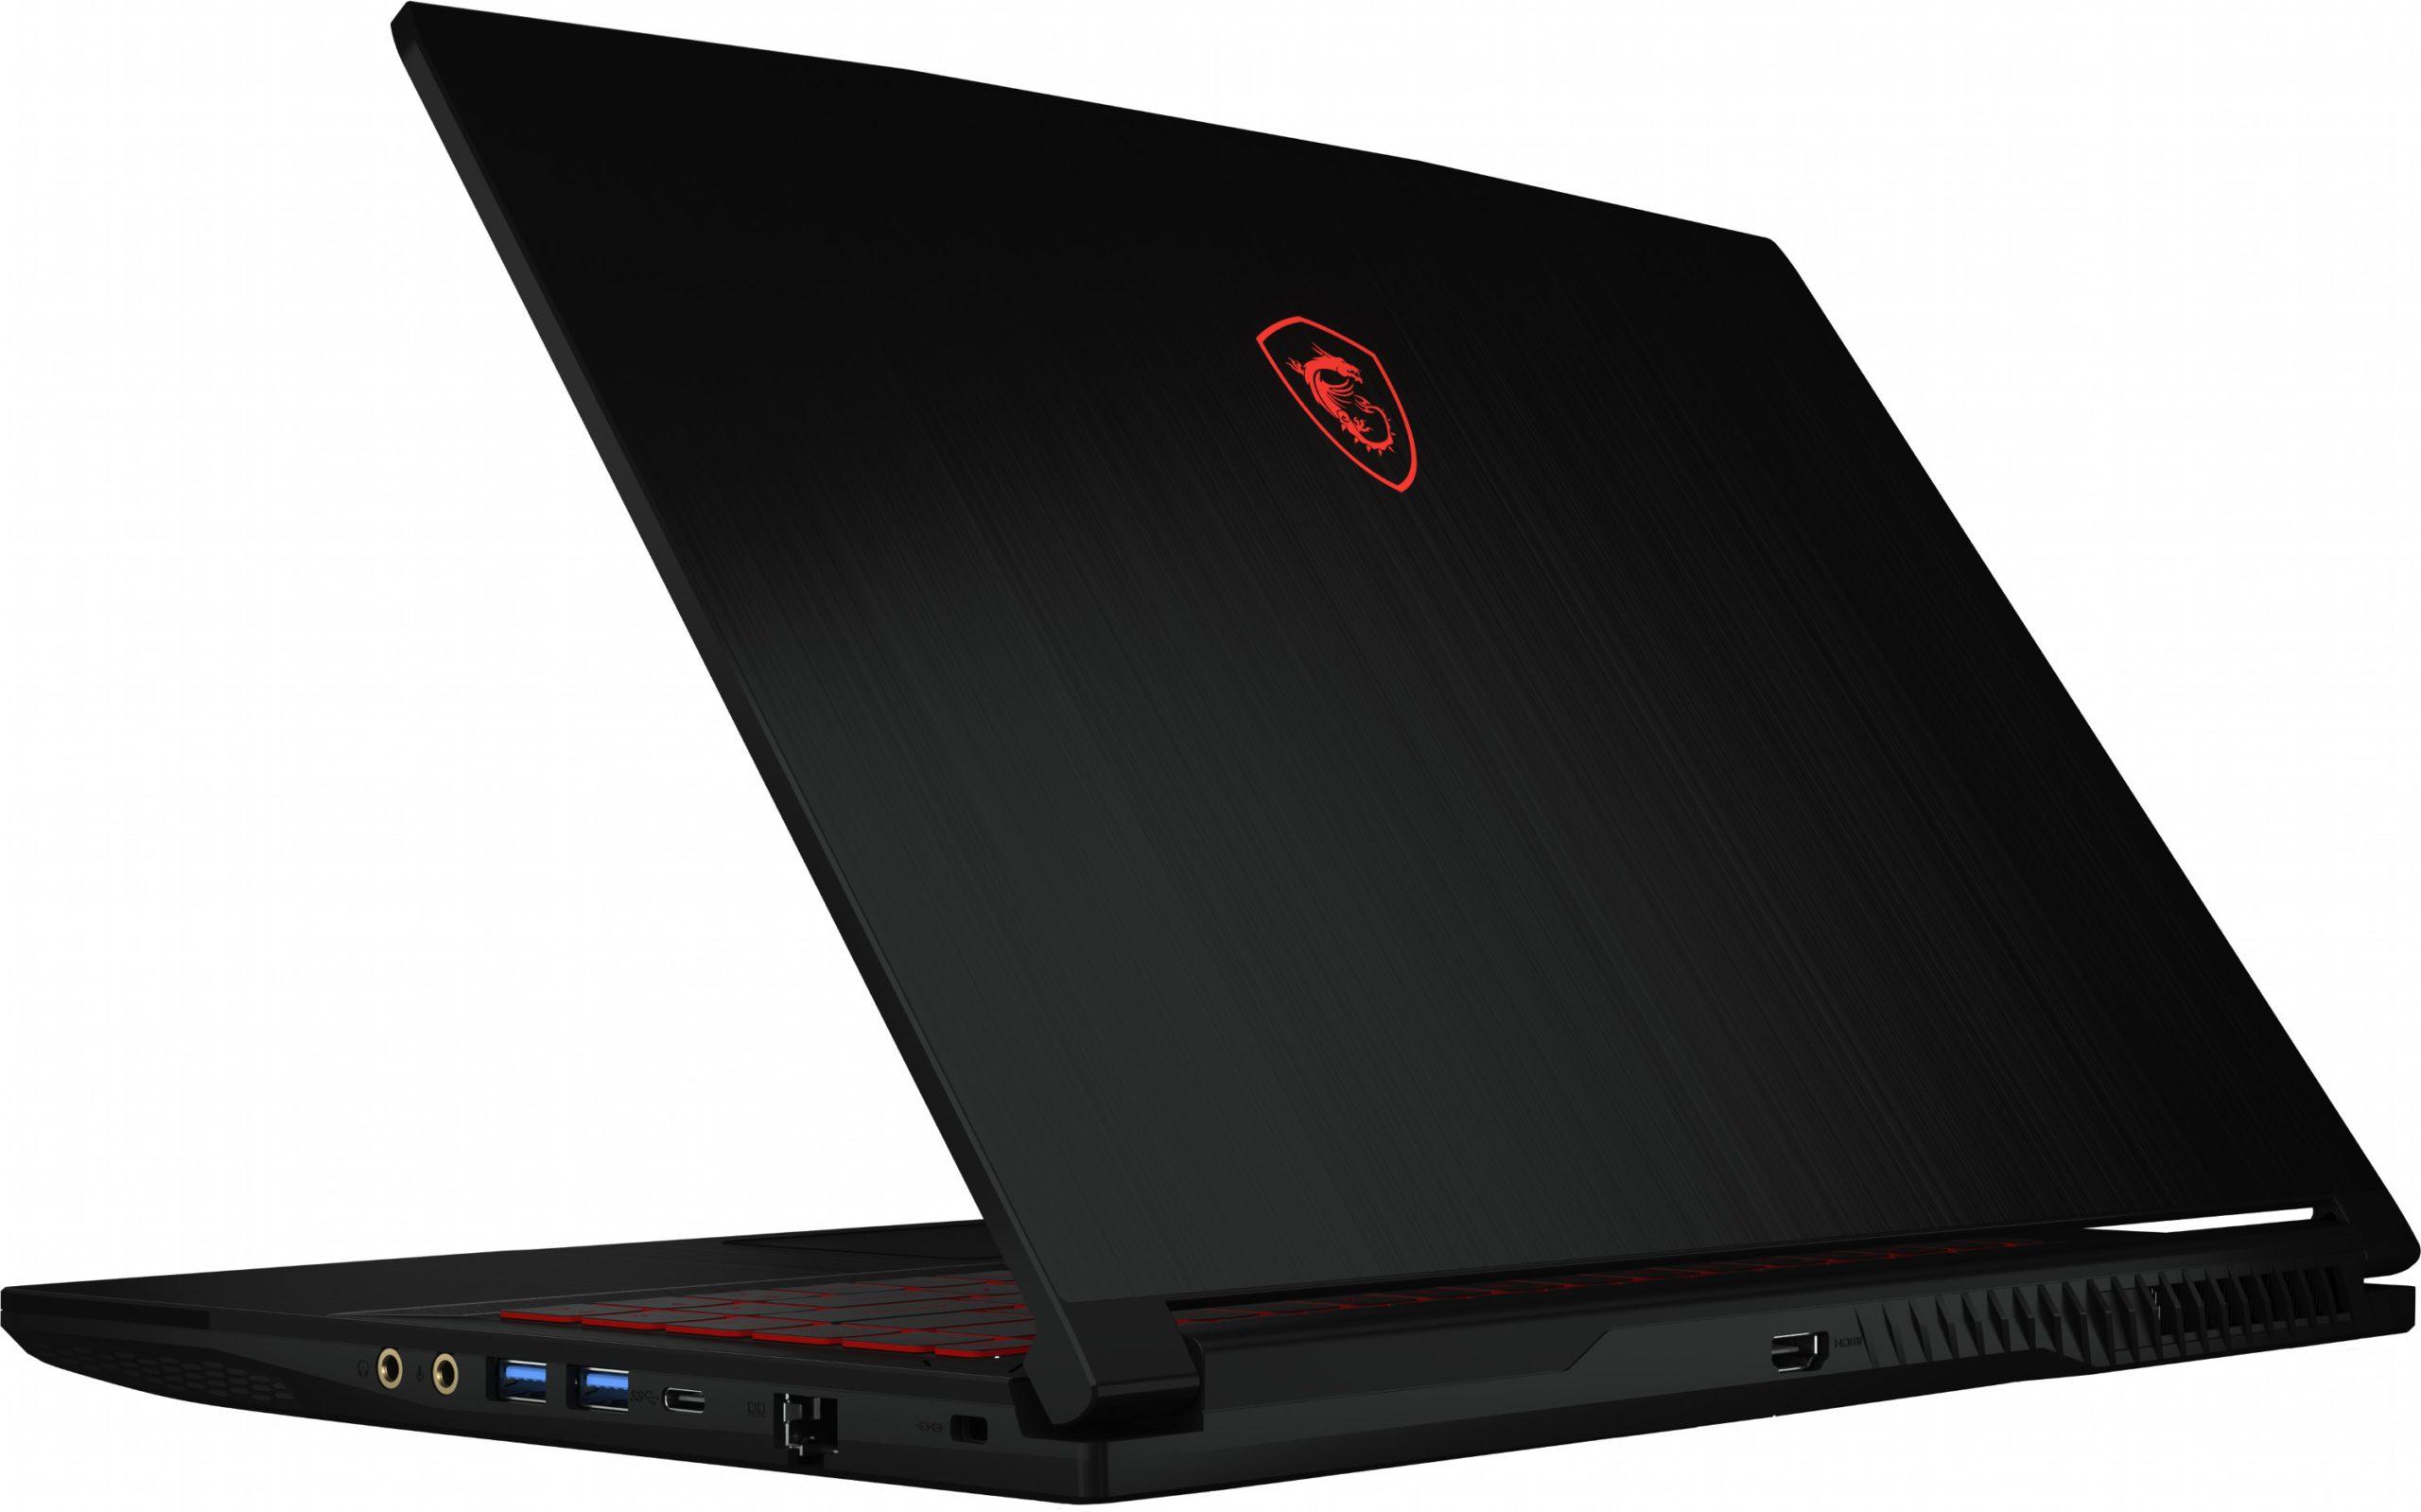 Так выглядит ноутбук MSI GF63 Thin 9SCXR